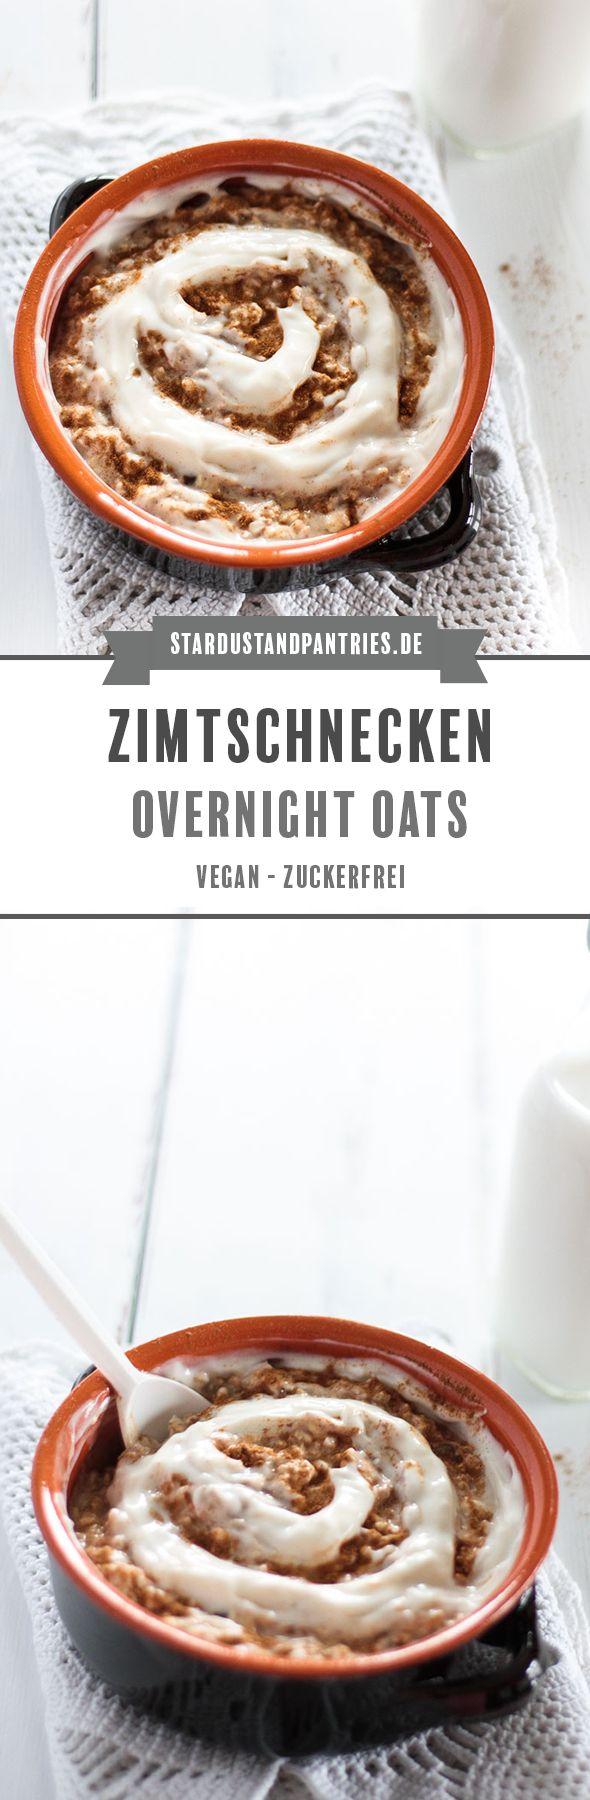 Diese veganen und zuckerfreien Zimtschnecken Overnight Oats sind das perfekte Frühstück für Morgenmuffel! So startest du zufrieden und satt in den Tag! #Overnightoats #Zimtschnecken #vegan #Frühstück